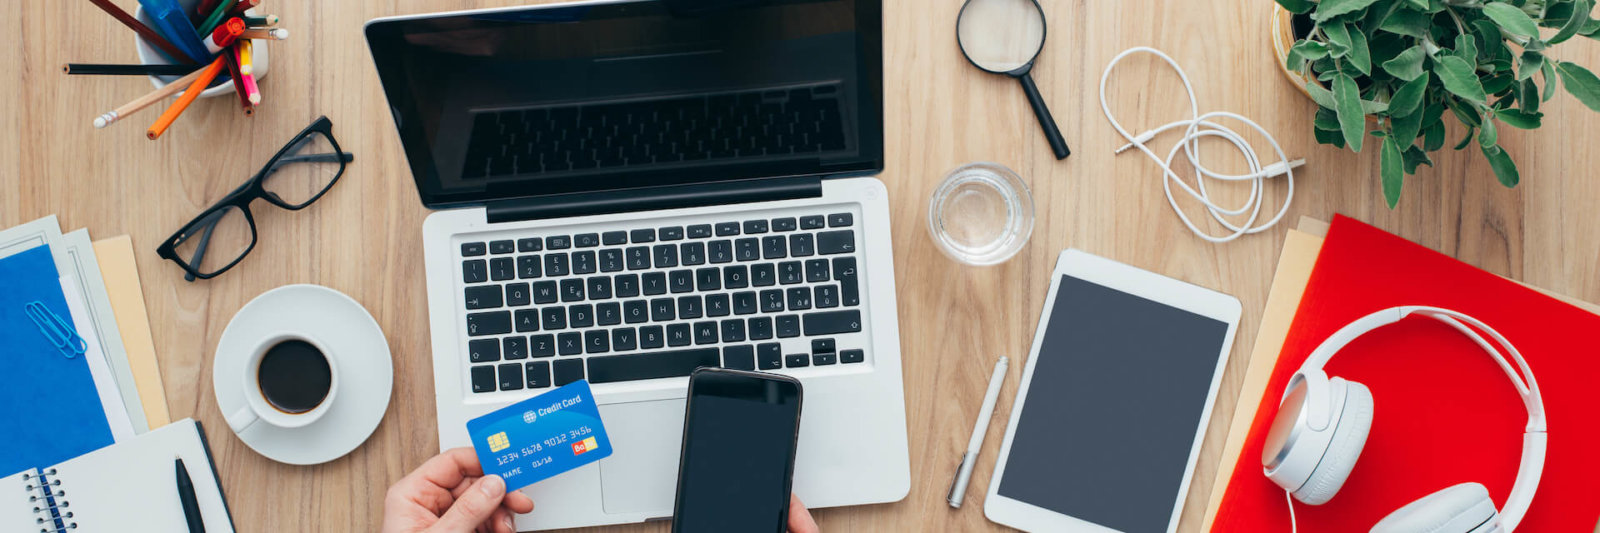 Płatności mobilne online